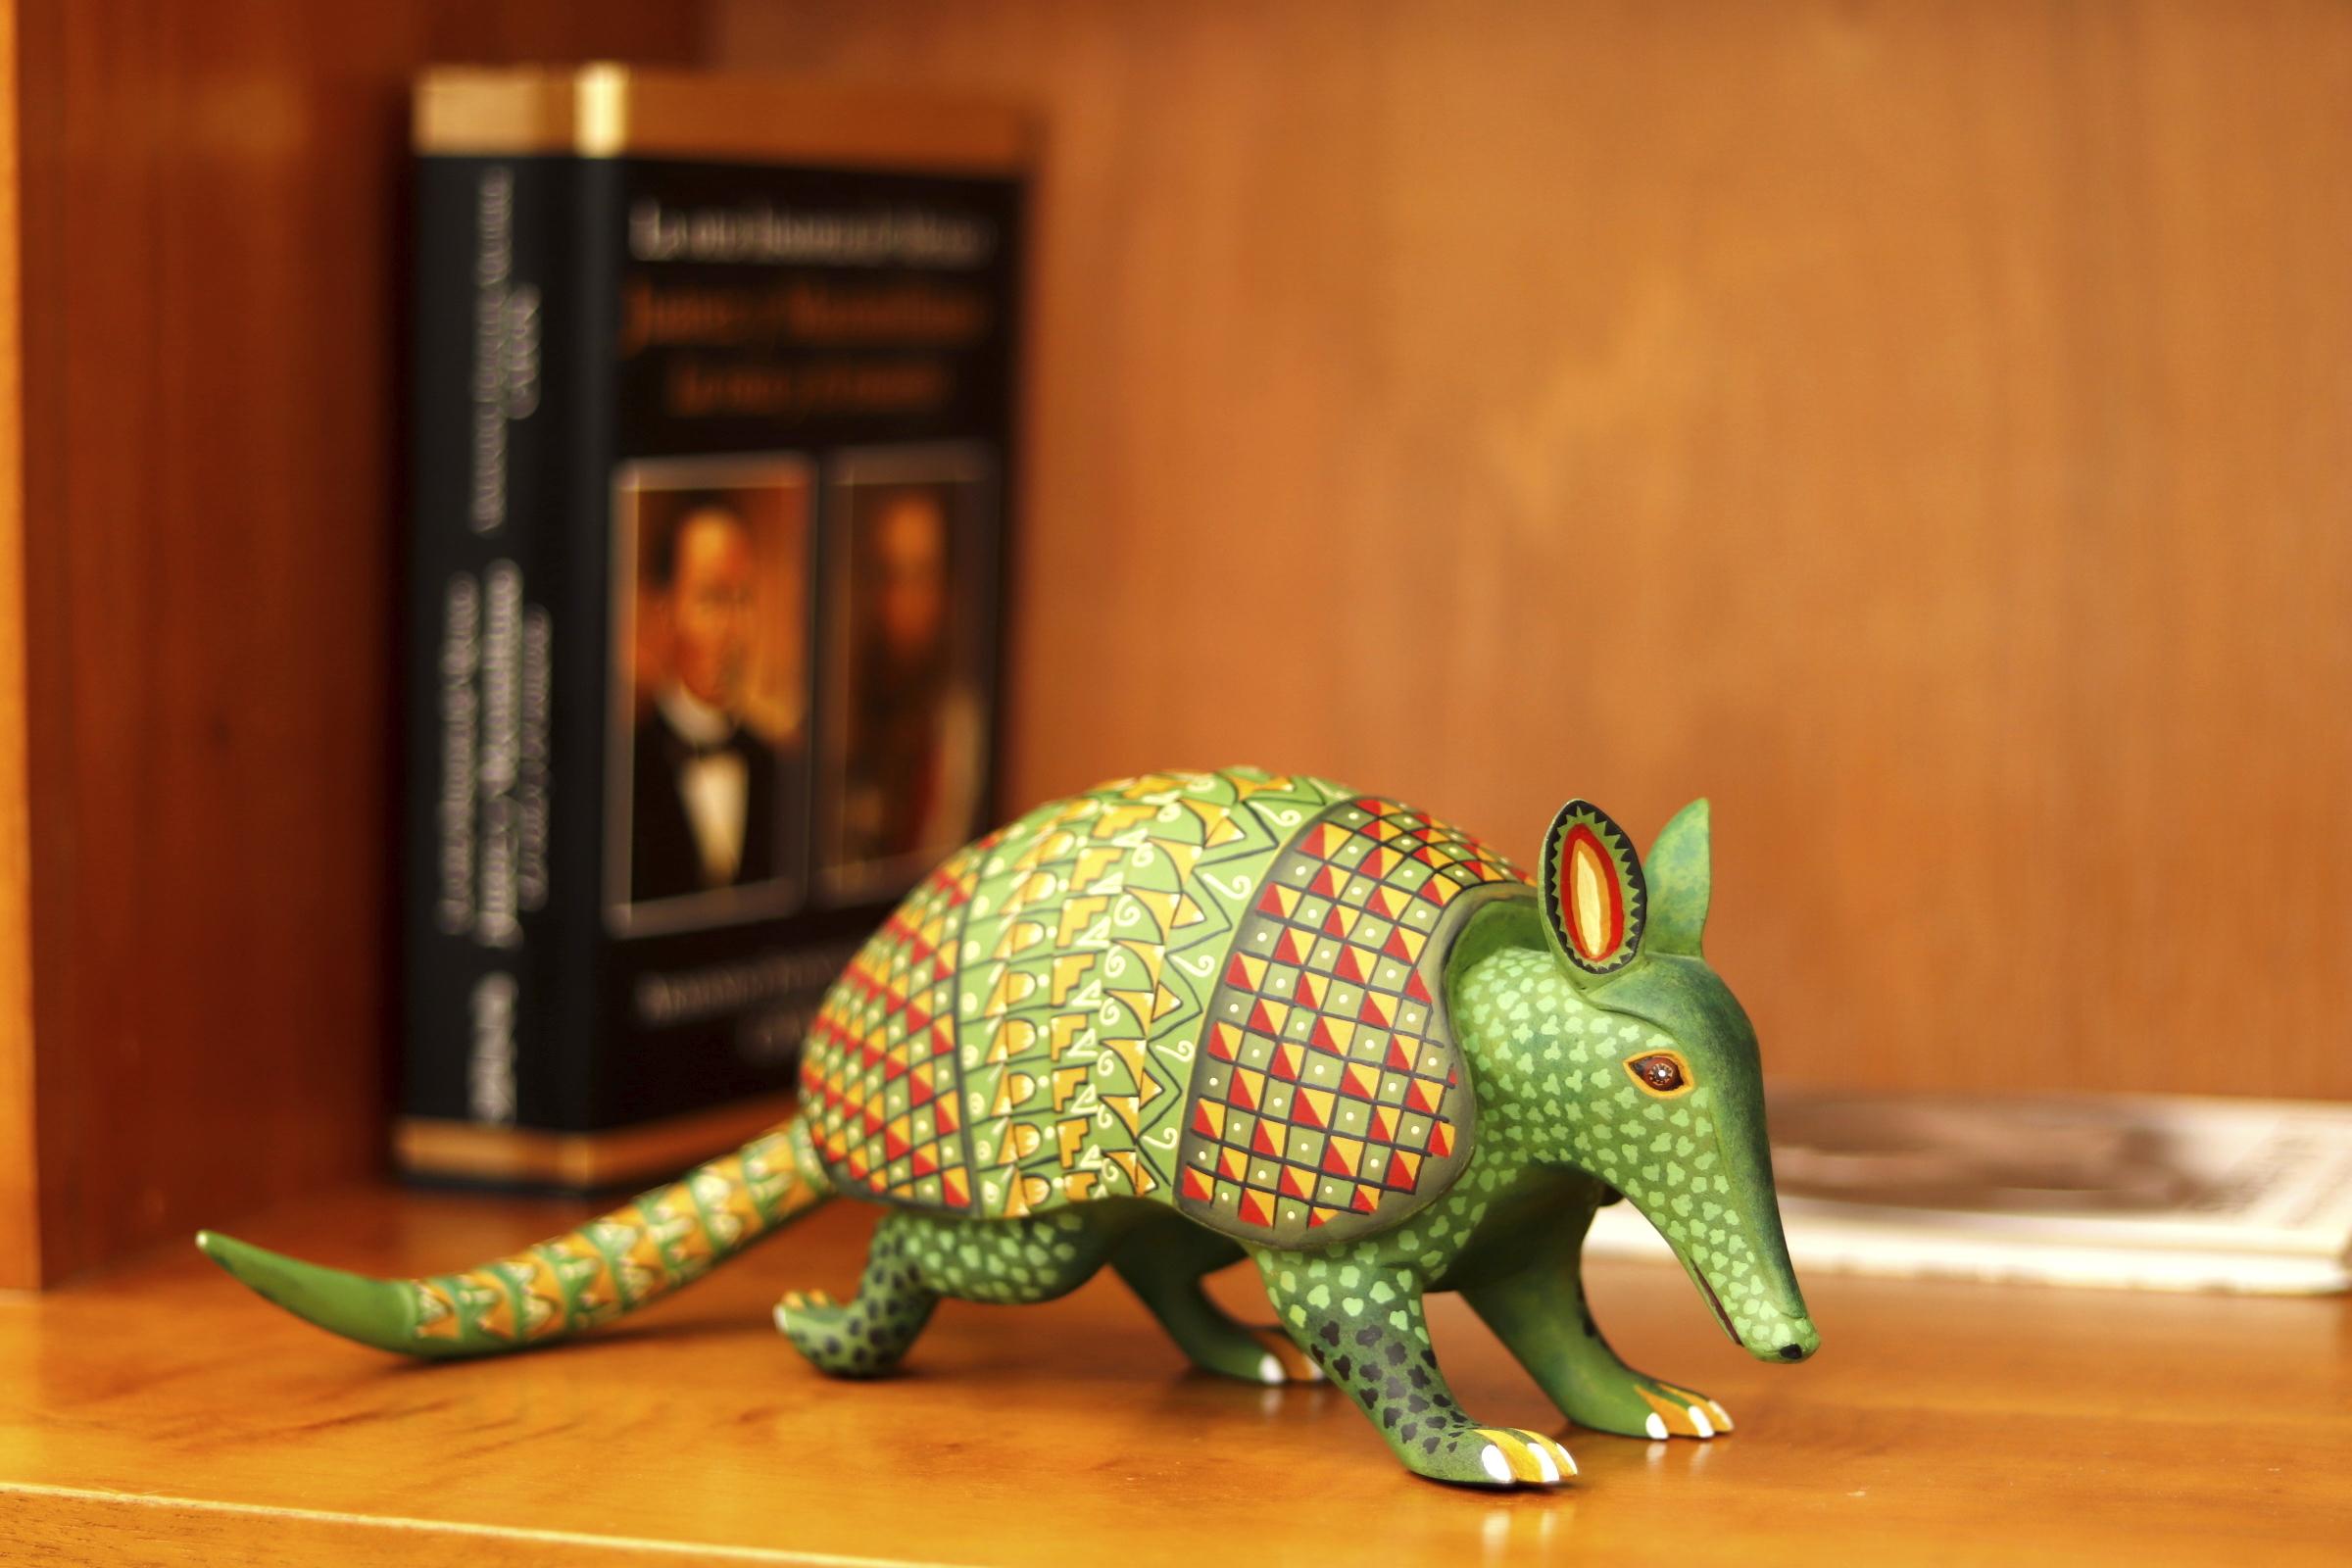 Alebrije. Escultura. Arte mexicano. Colocado en un librero.